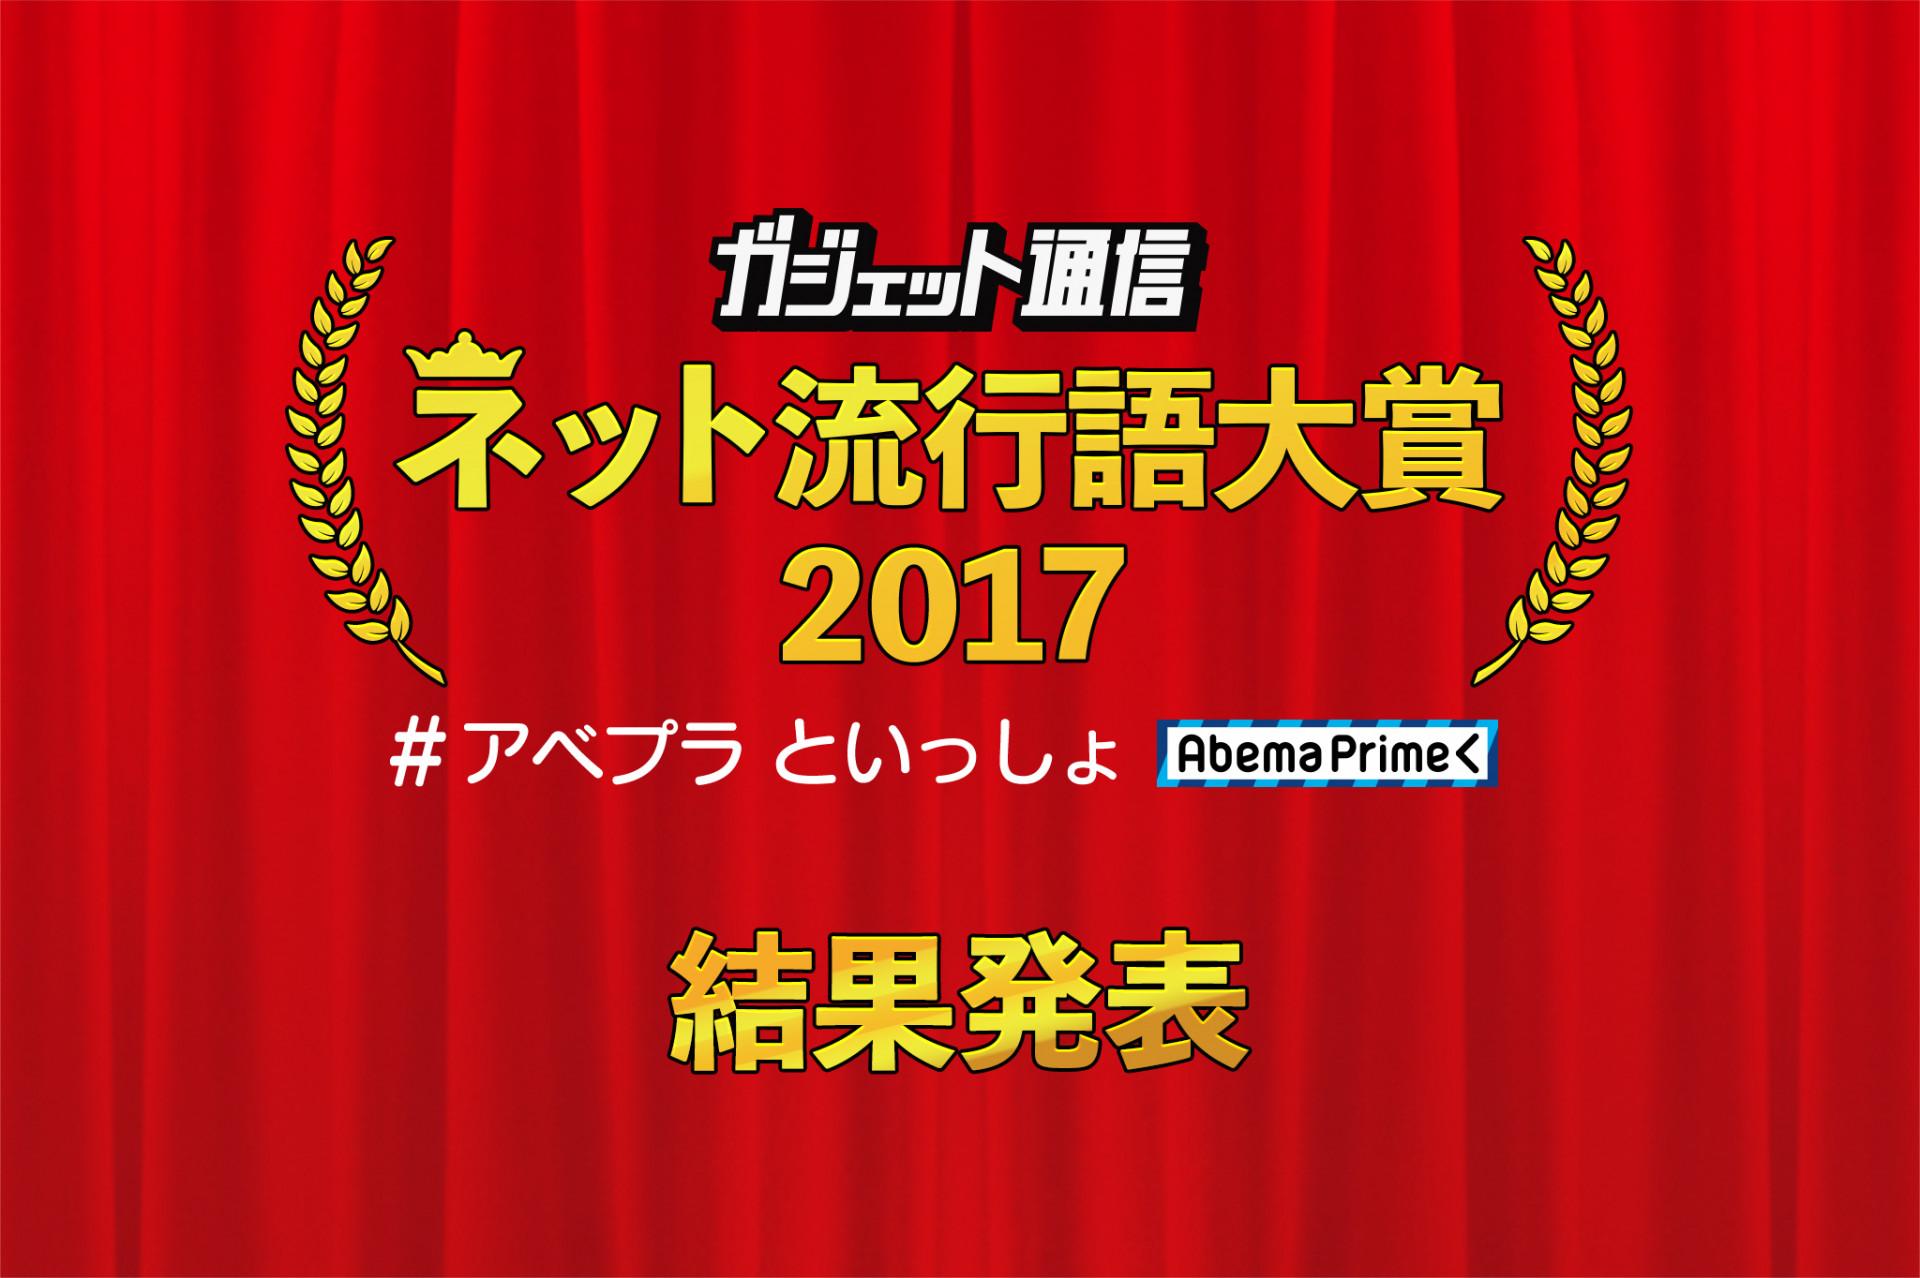 http://px1img.getnews.jp/img/archives/2017/12/db04e56837339c6e21d44356b382204b.jpg